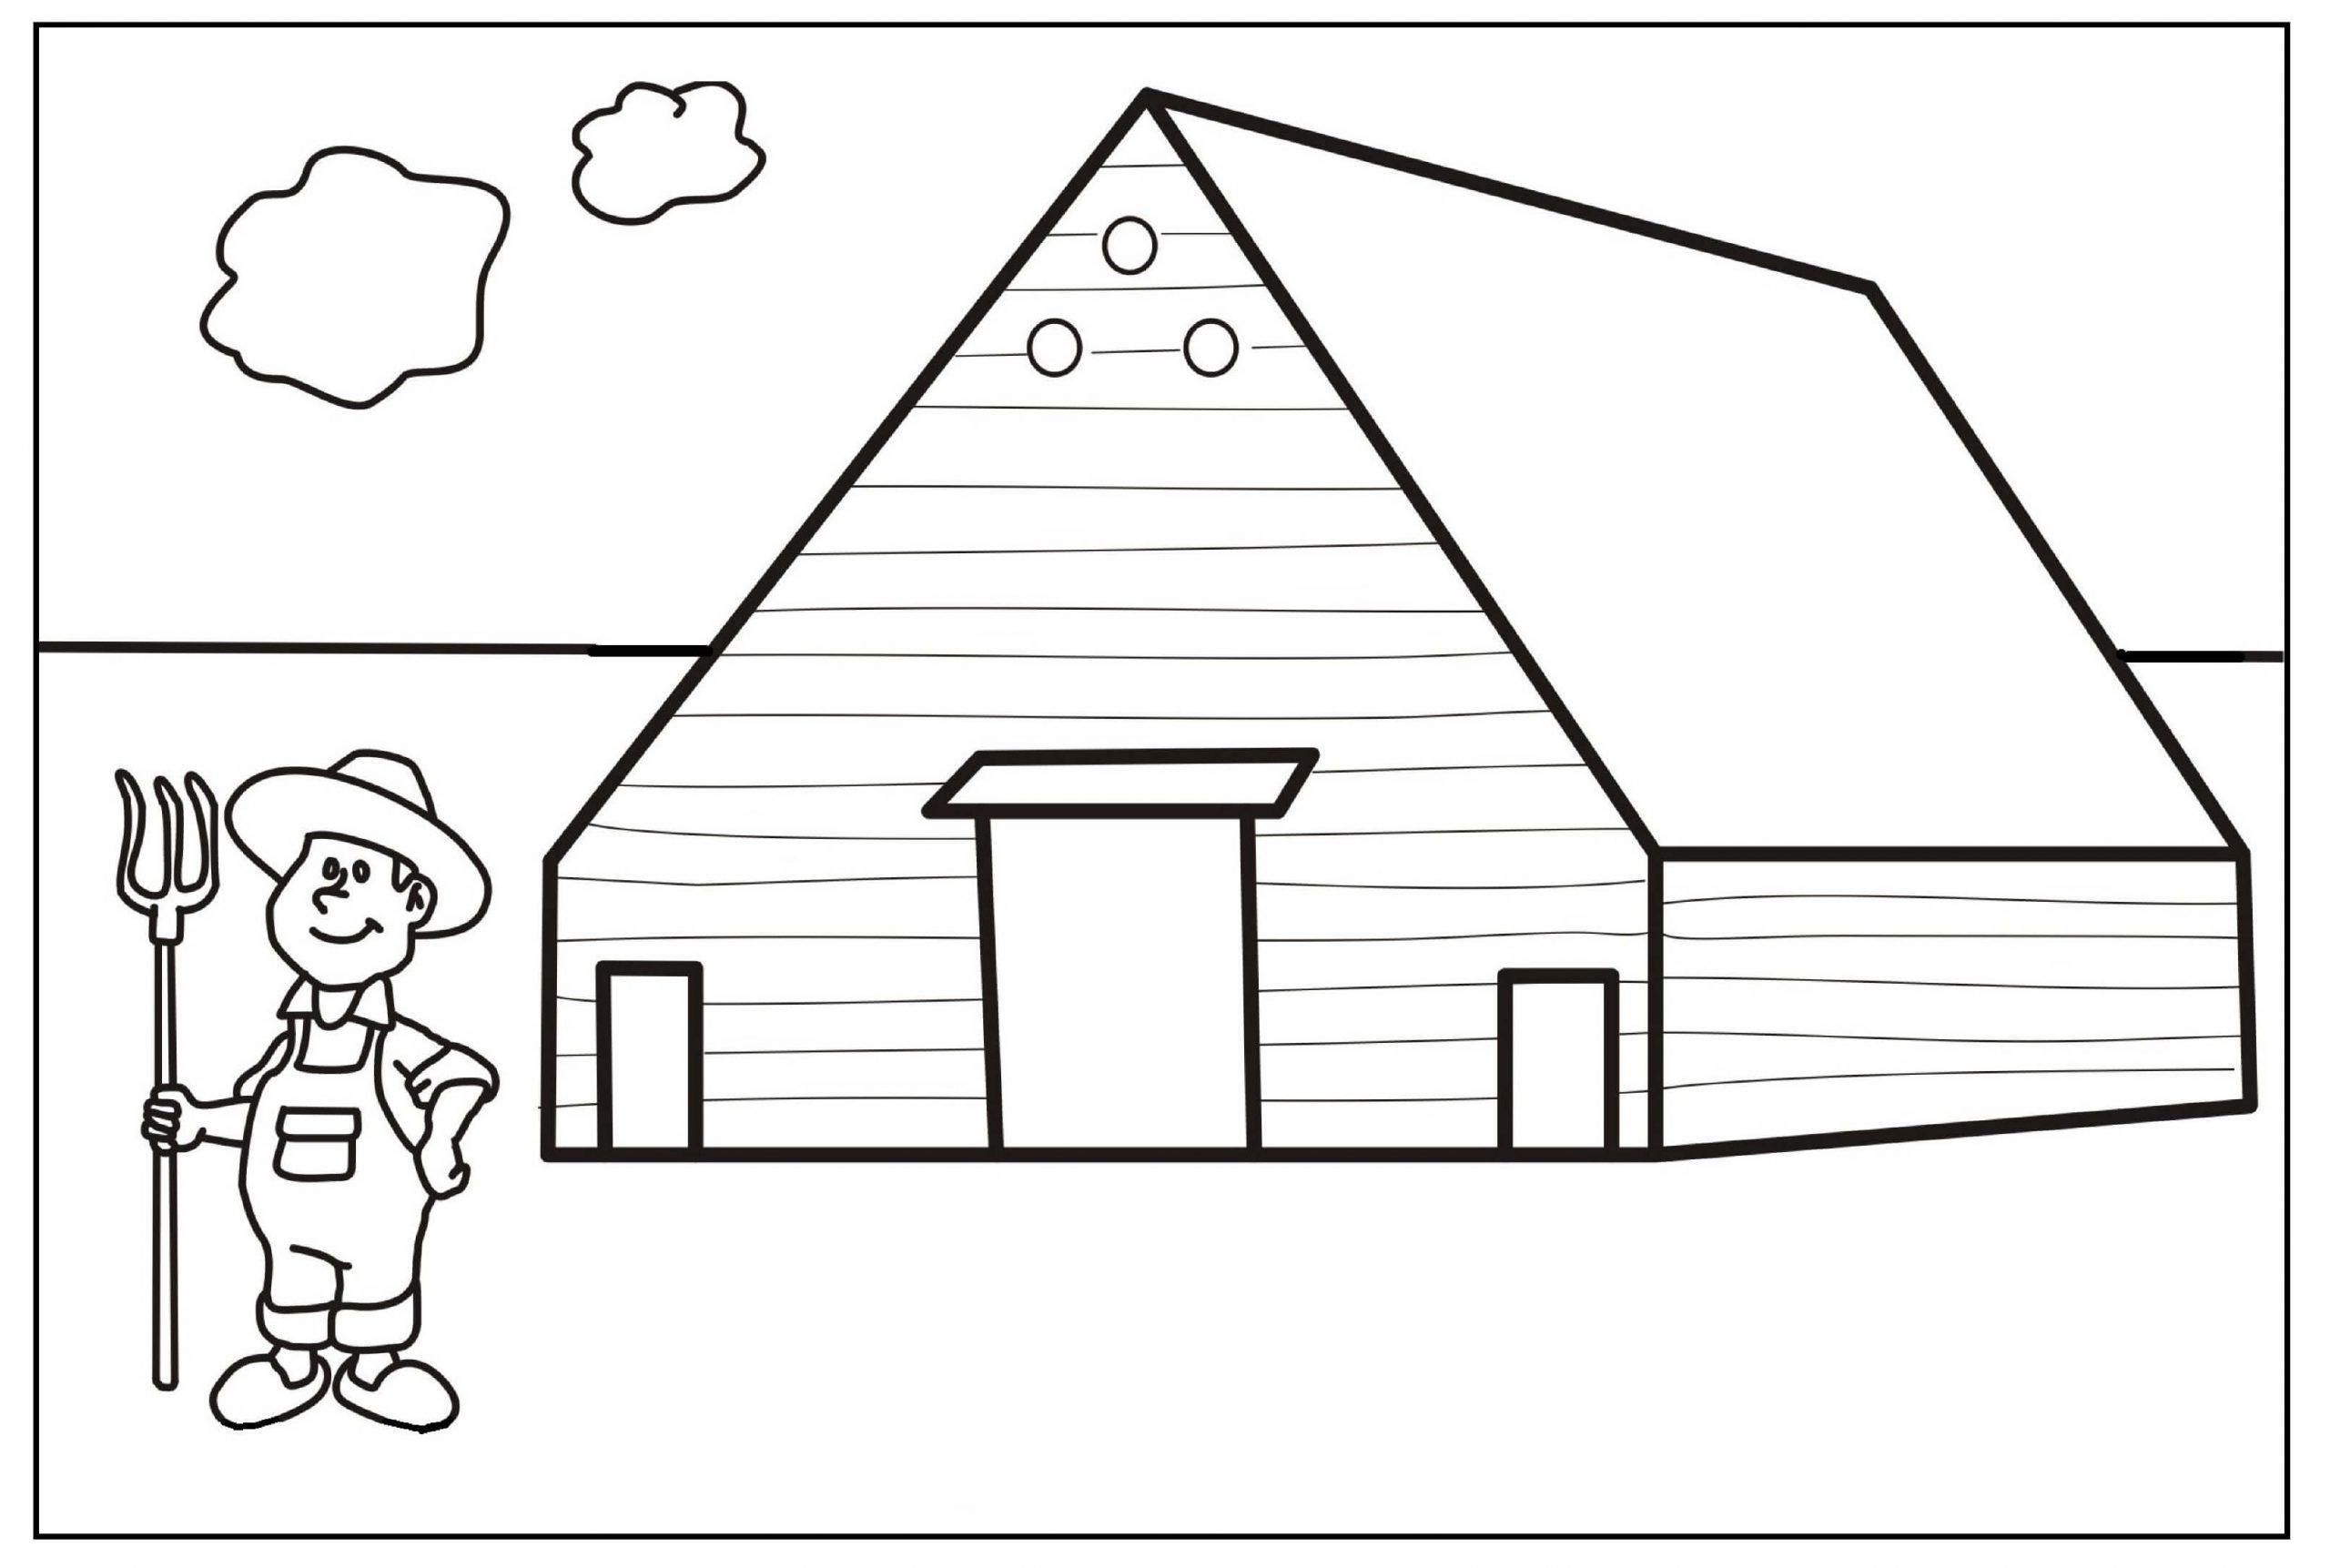 Farmer and House in a Farm